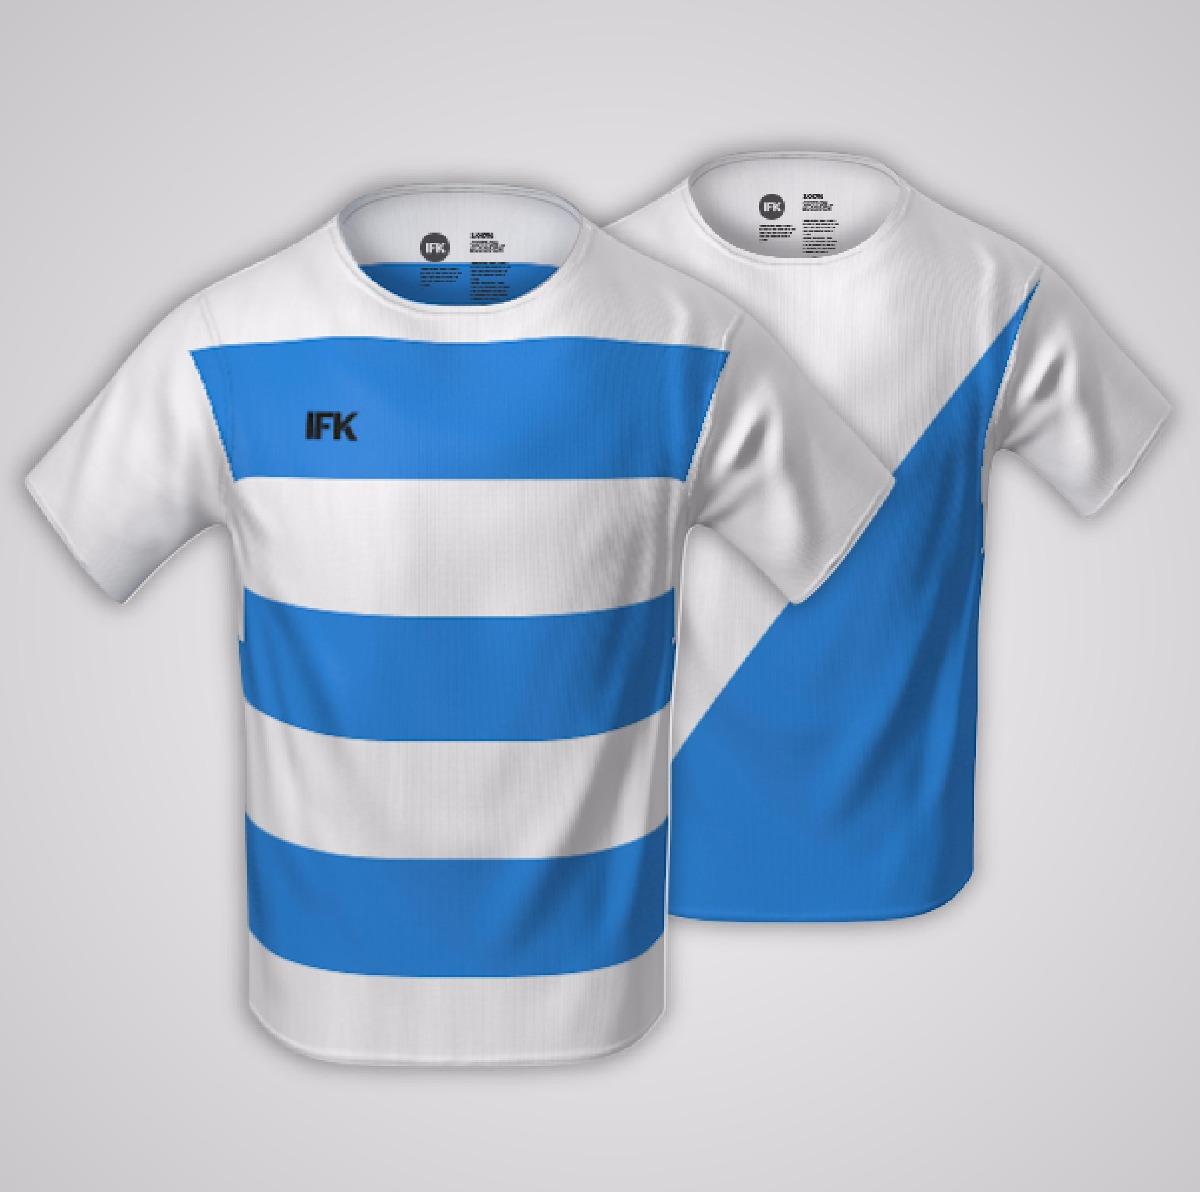 Camisetas De Fútbol Personalizadas Para Equipos -   299 25403543ad28b